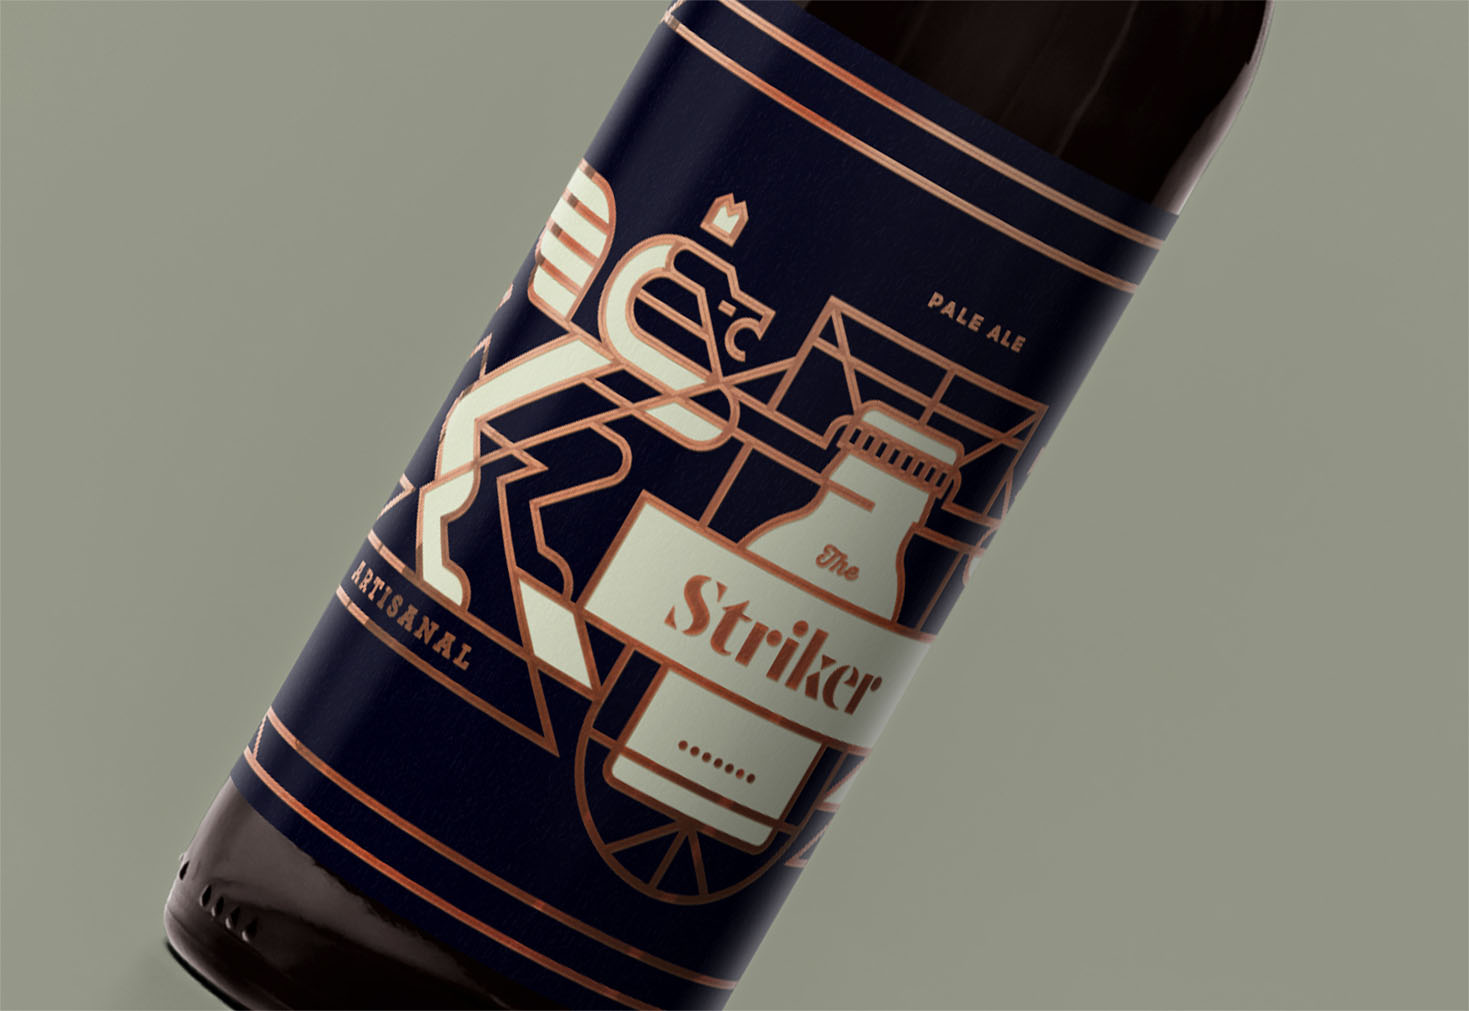 detail of beer bottle design